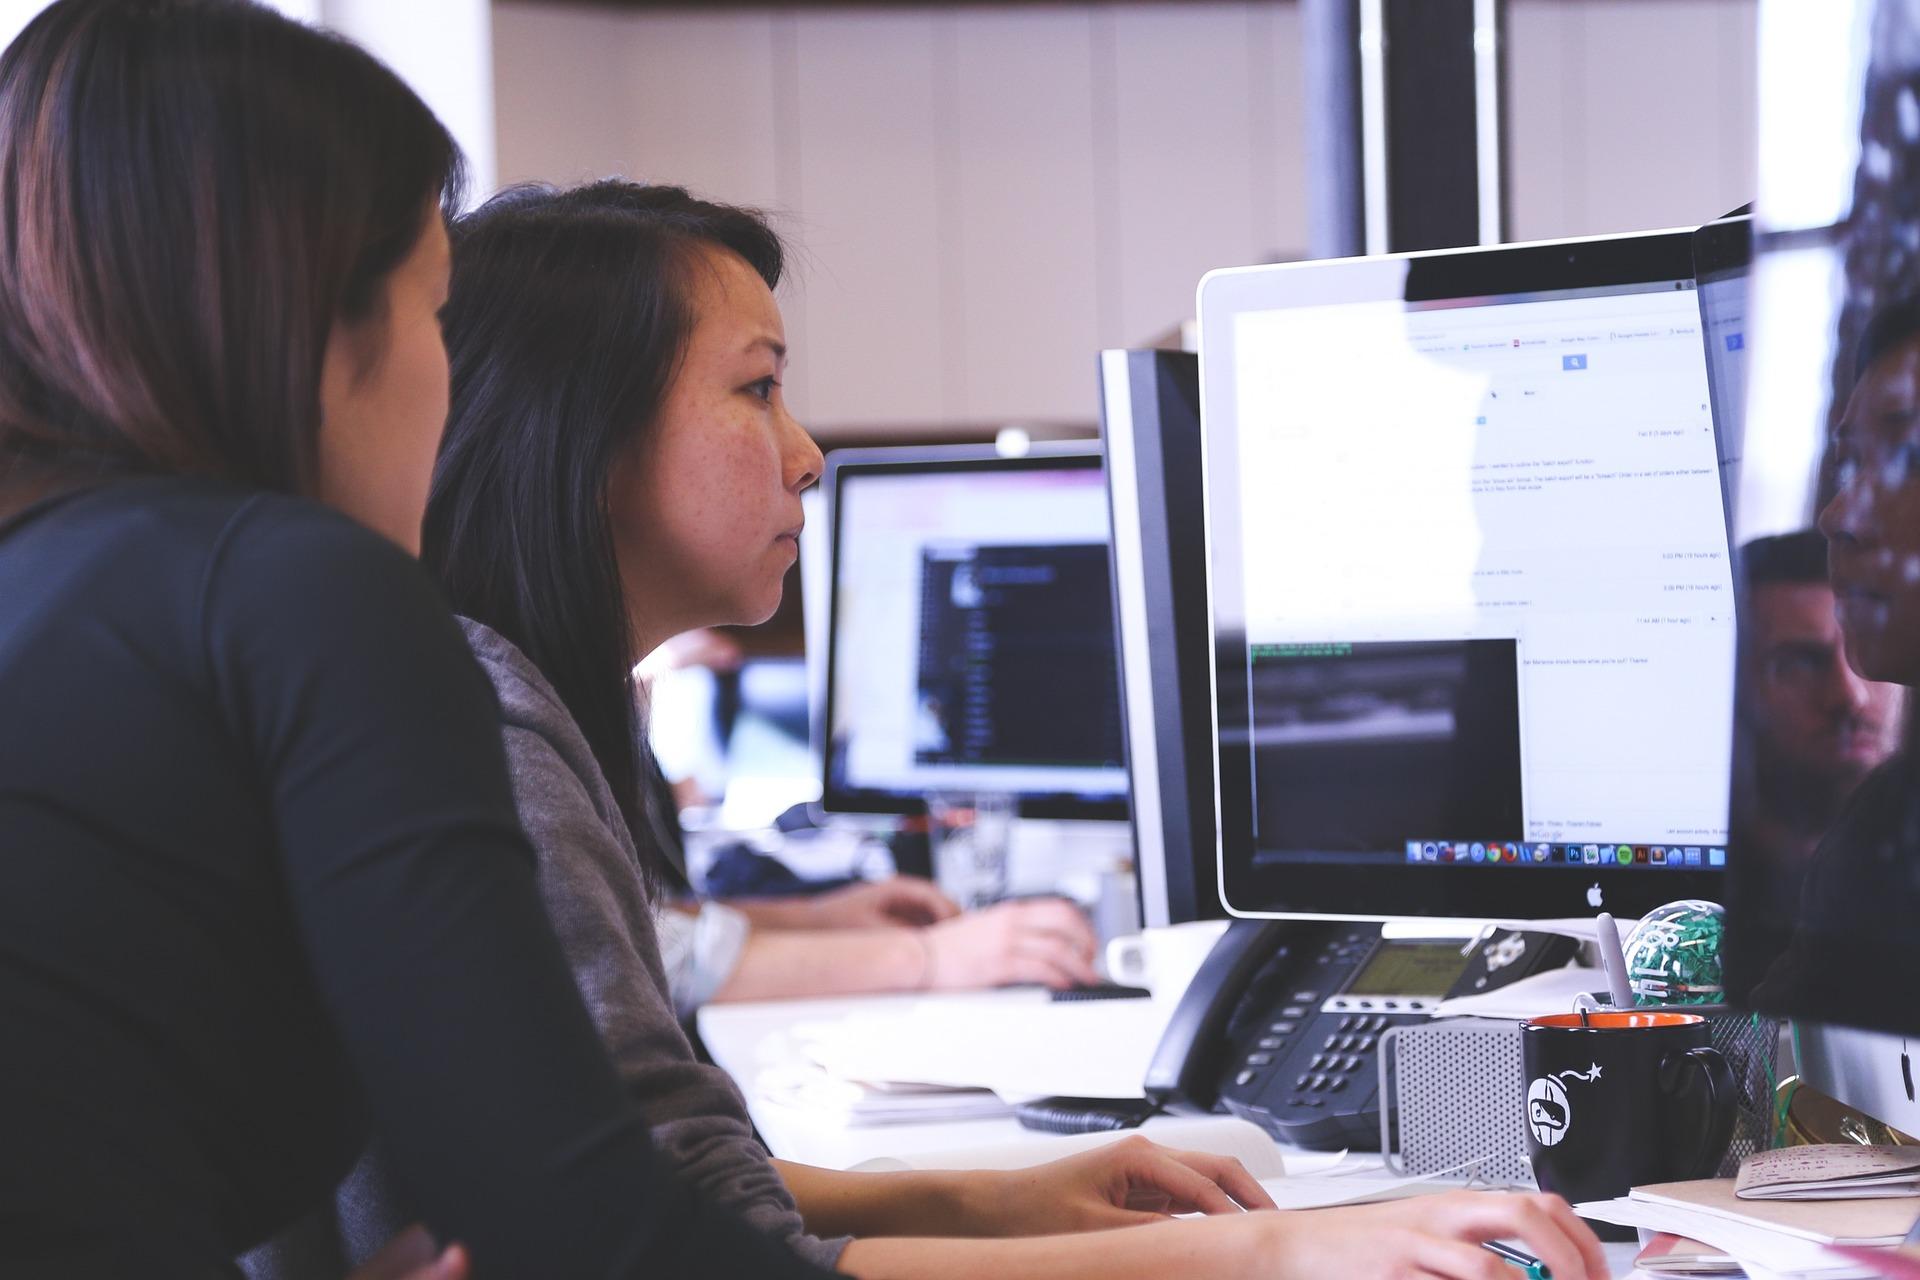 Studierende lernen oder arbeiten an einem PC